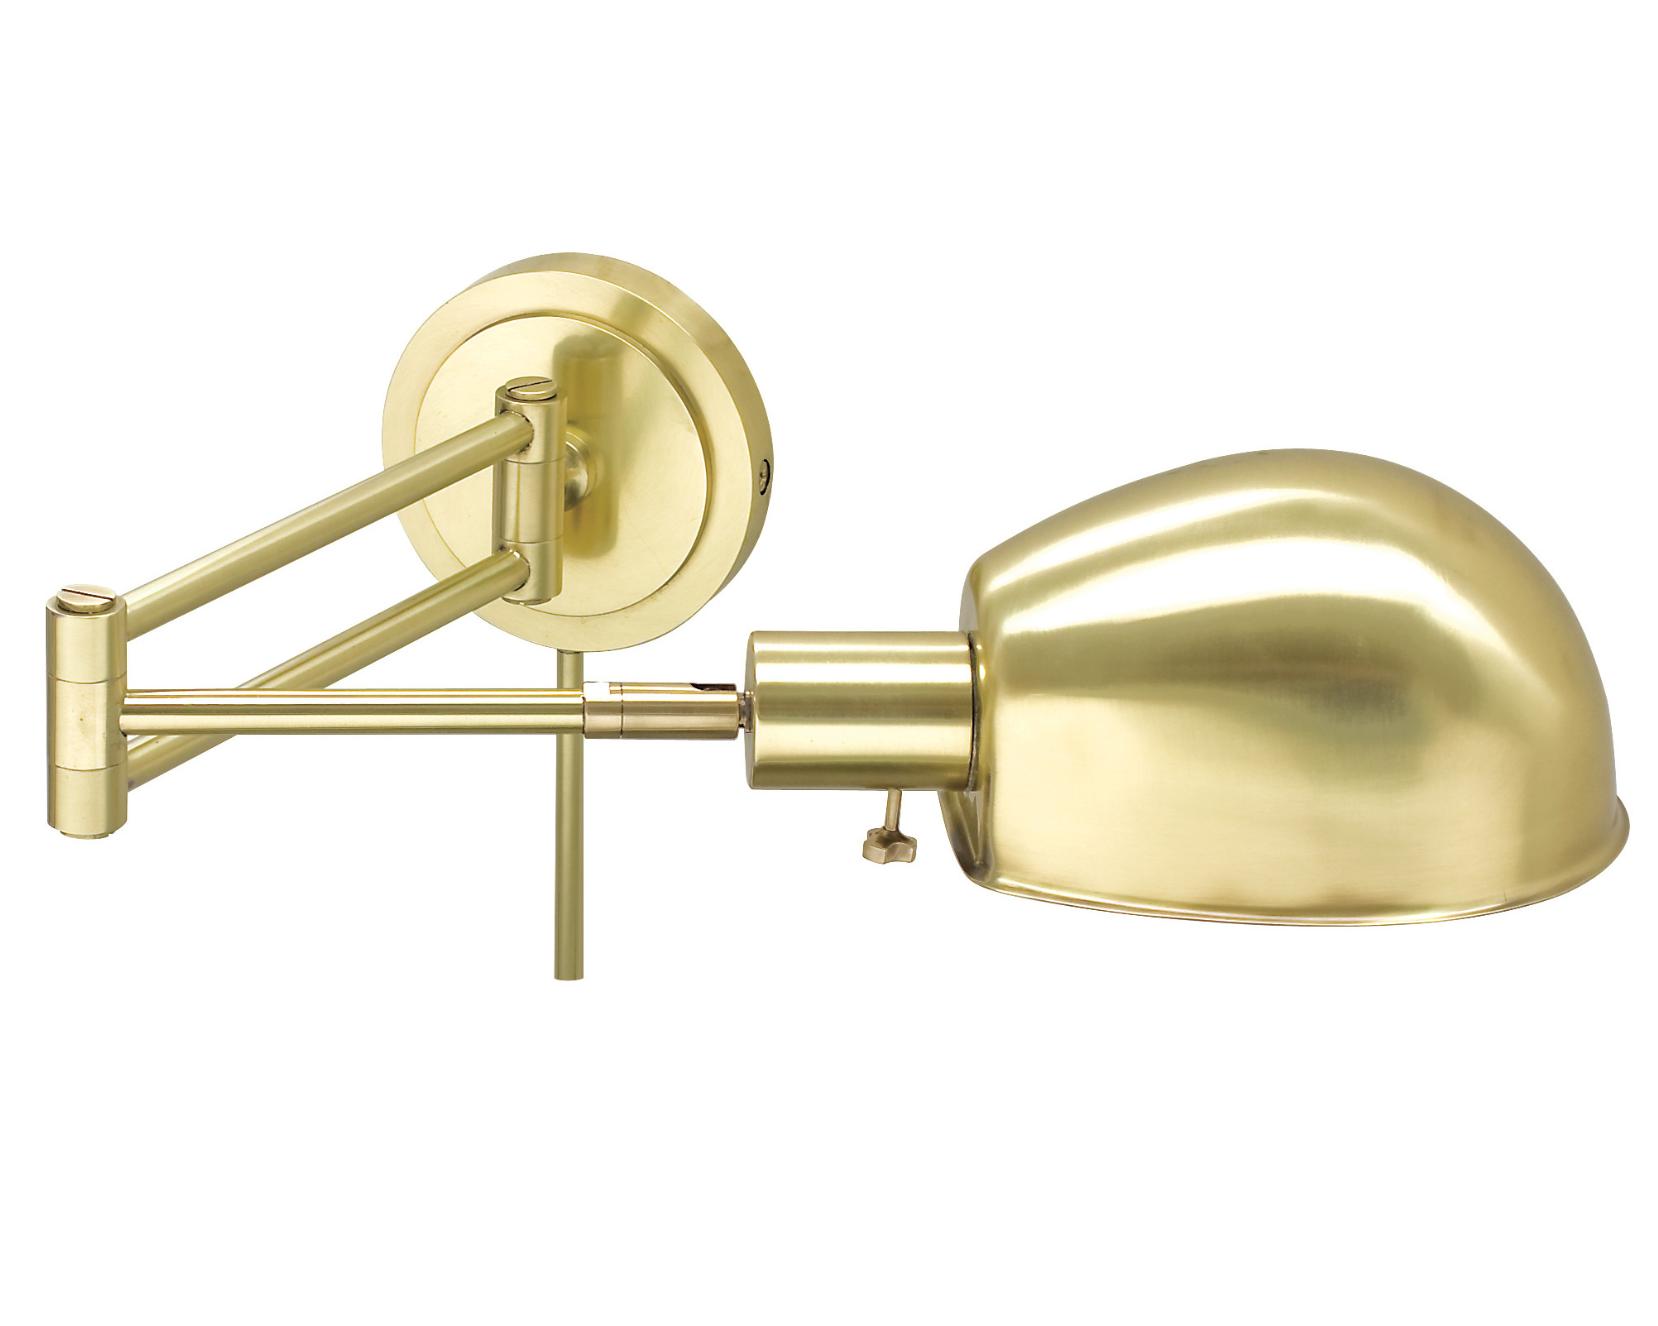 Brass Sconce